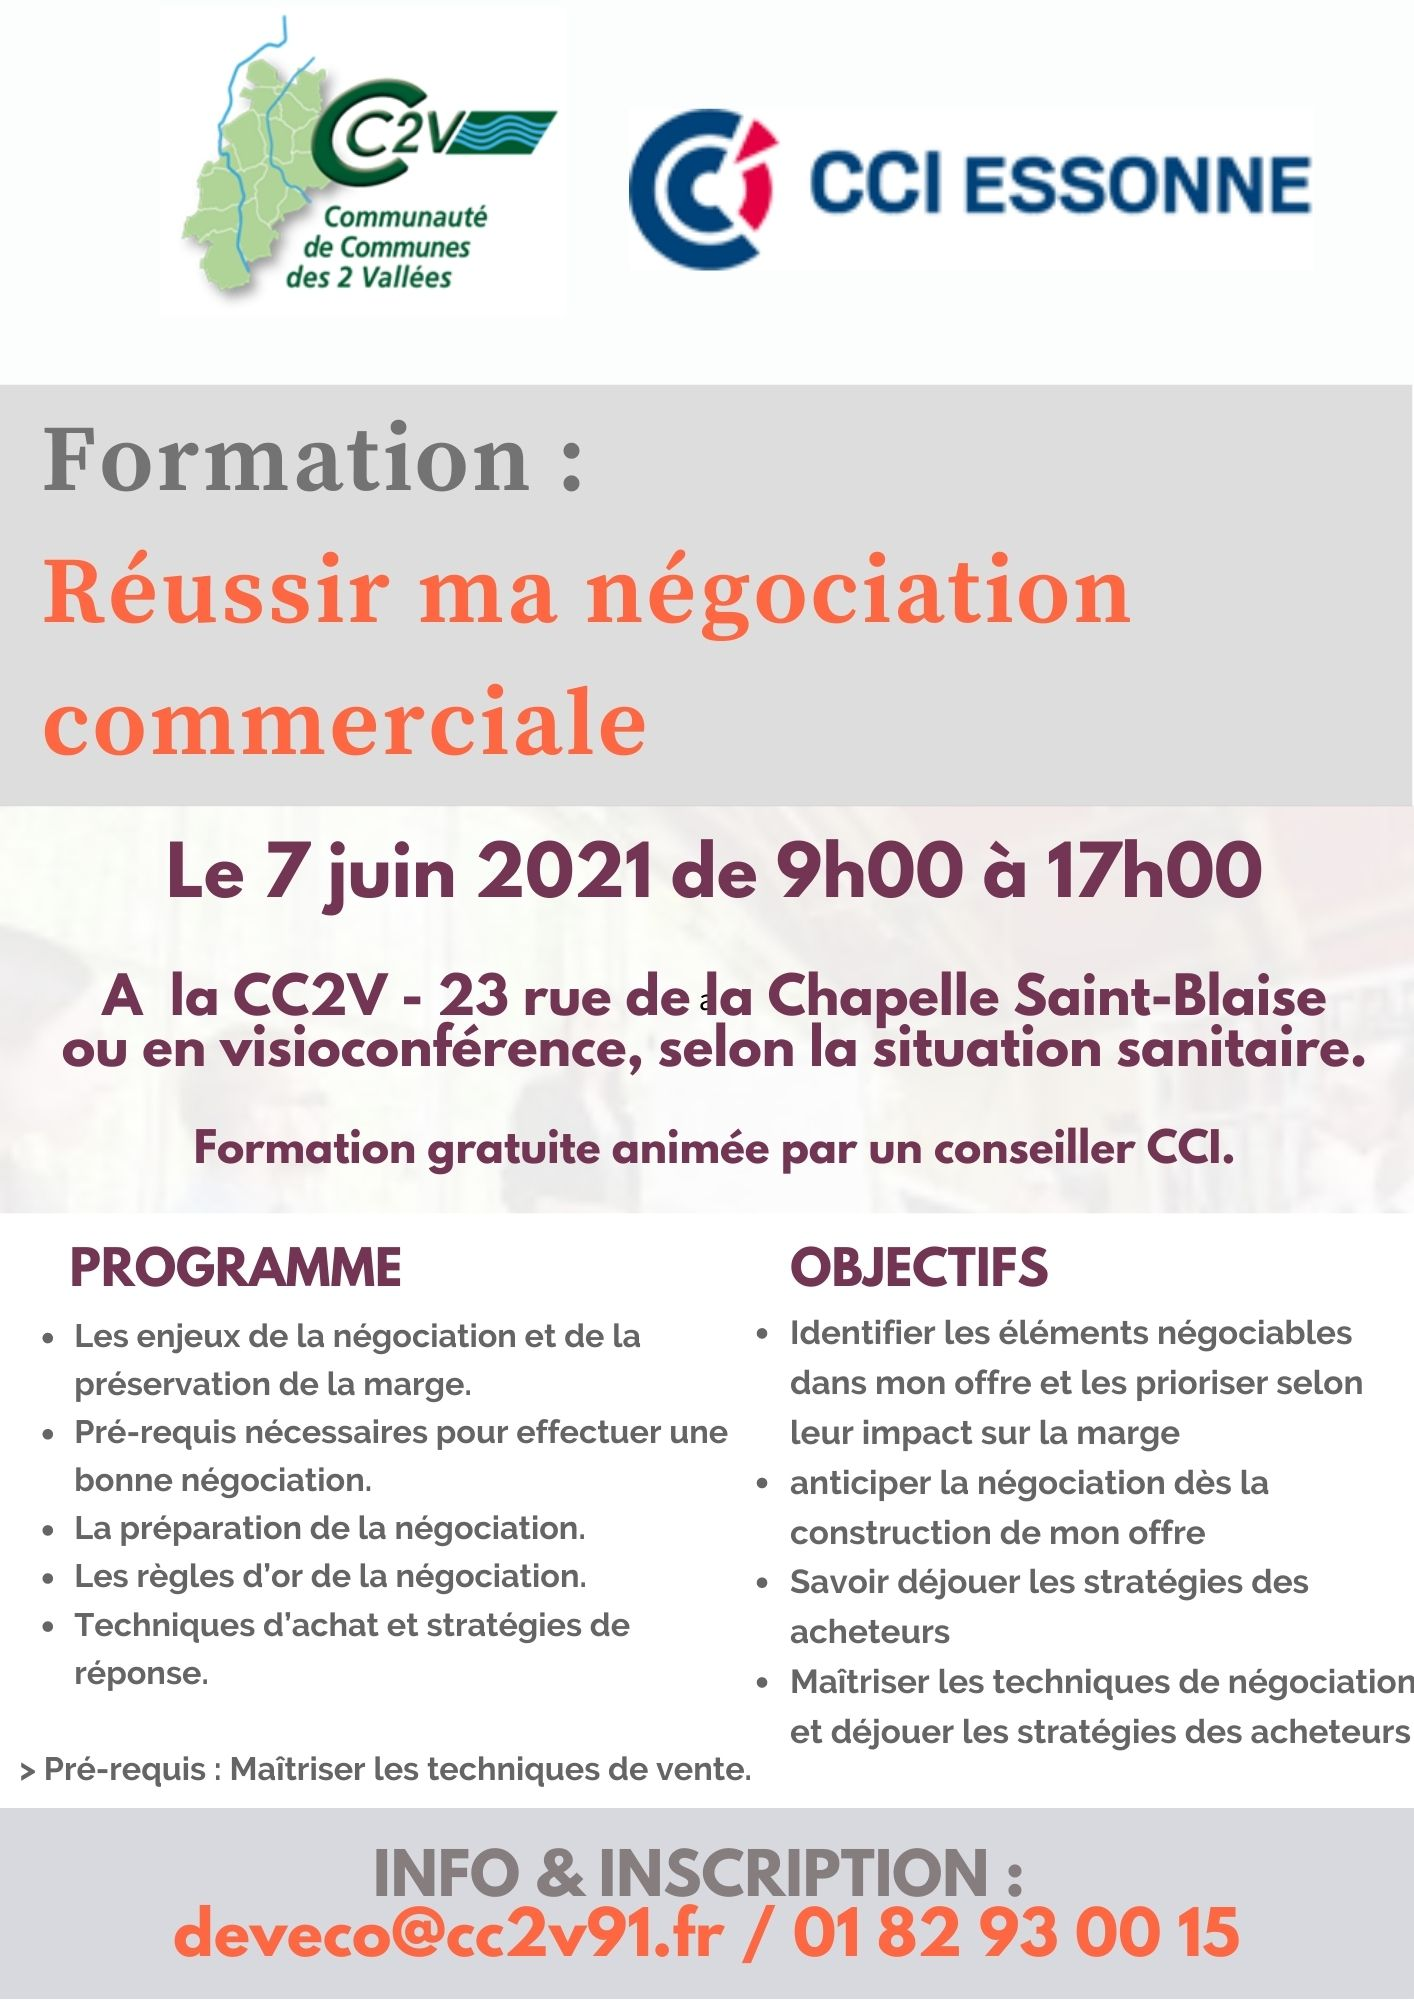 CC2V_Formation Negociation commerciale_20210607.jpg